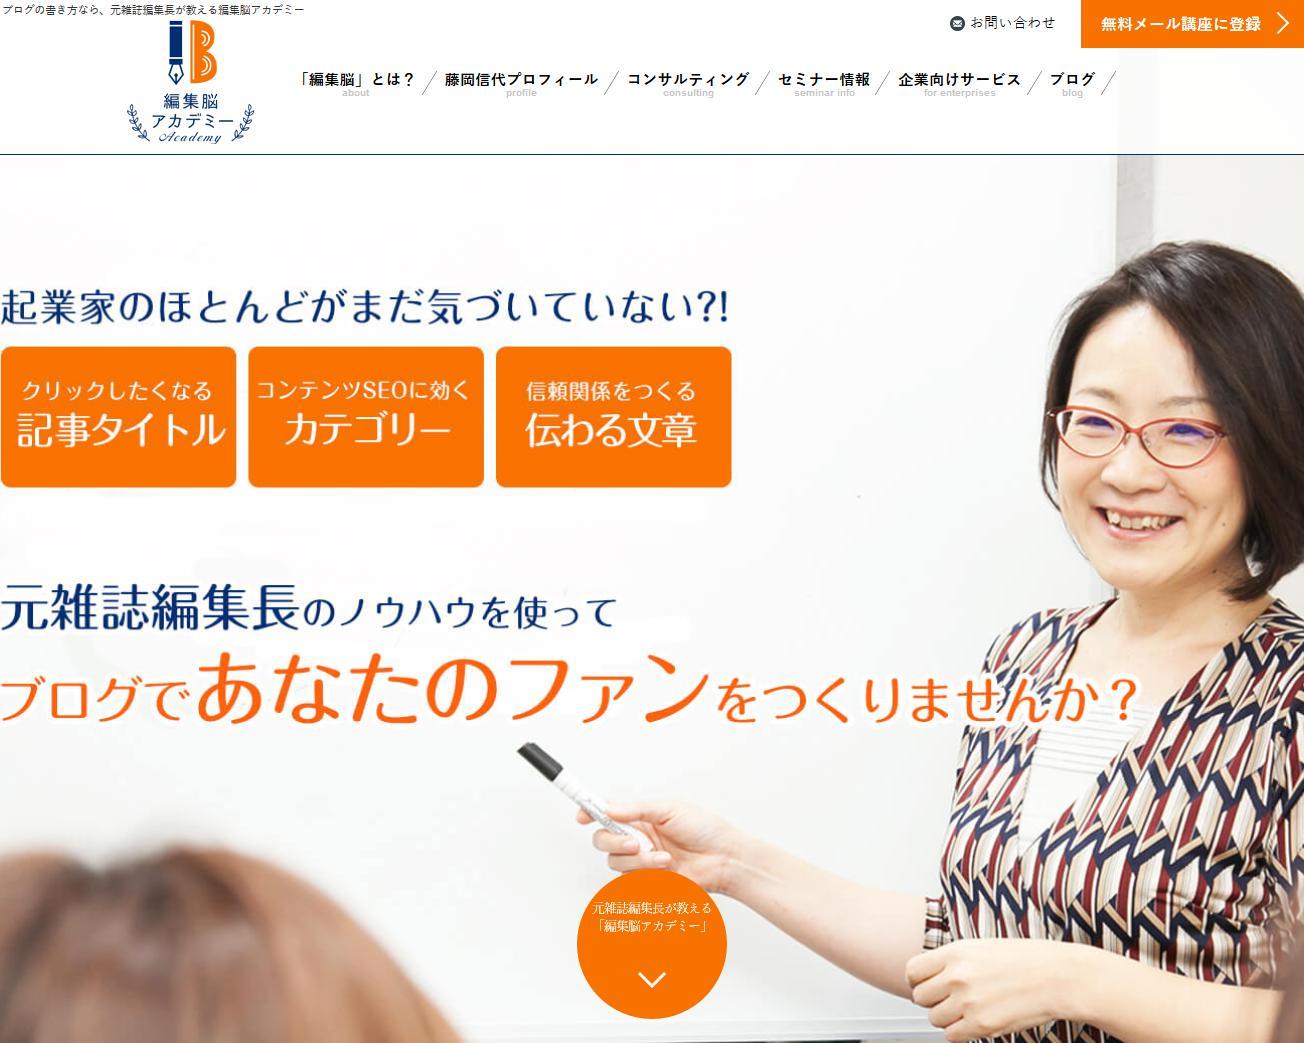 編集脳アカデミー